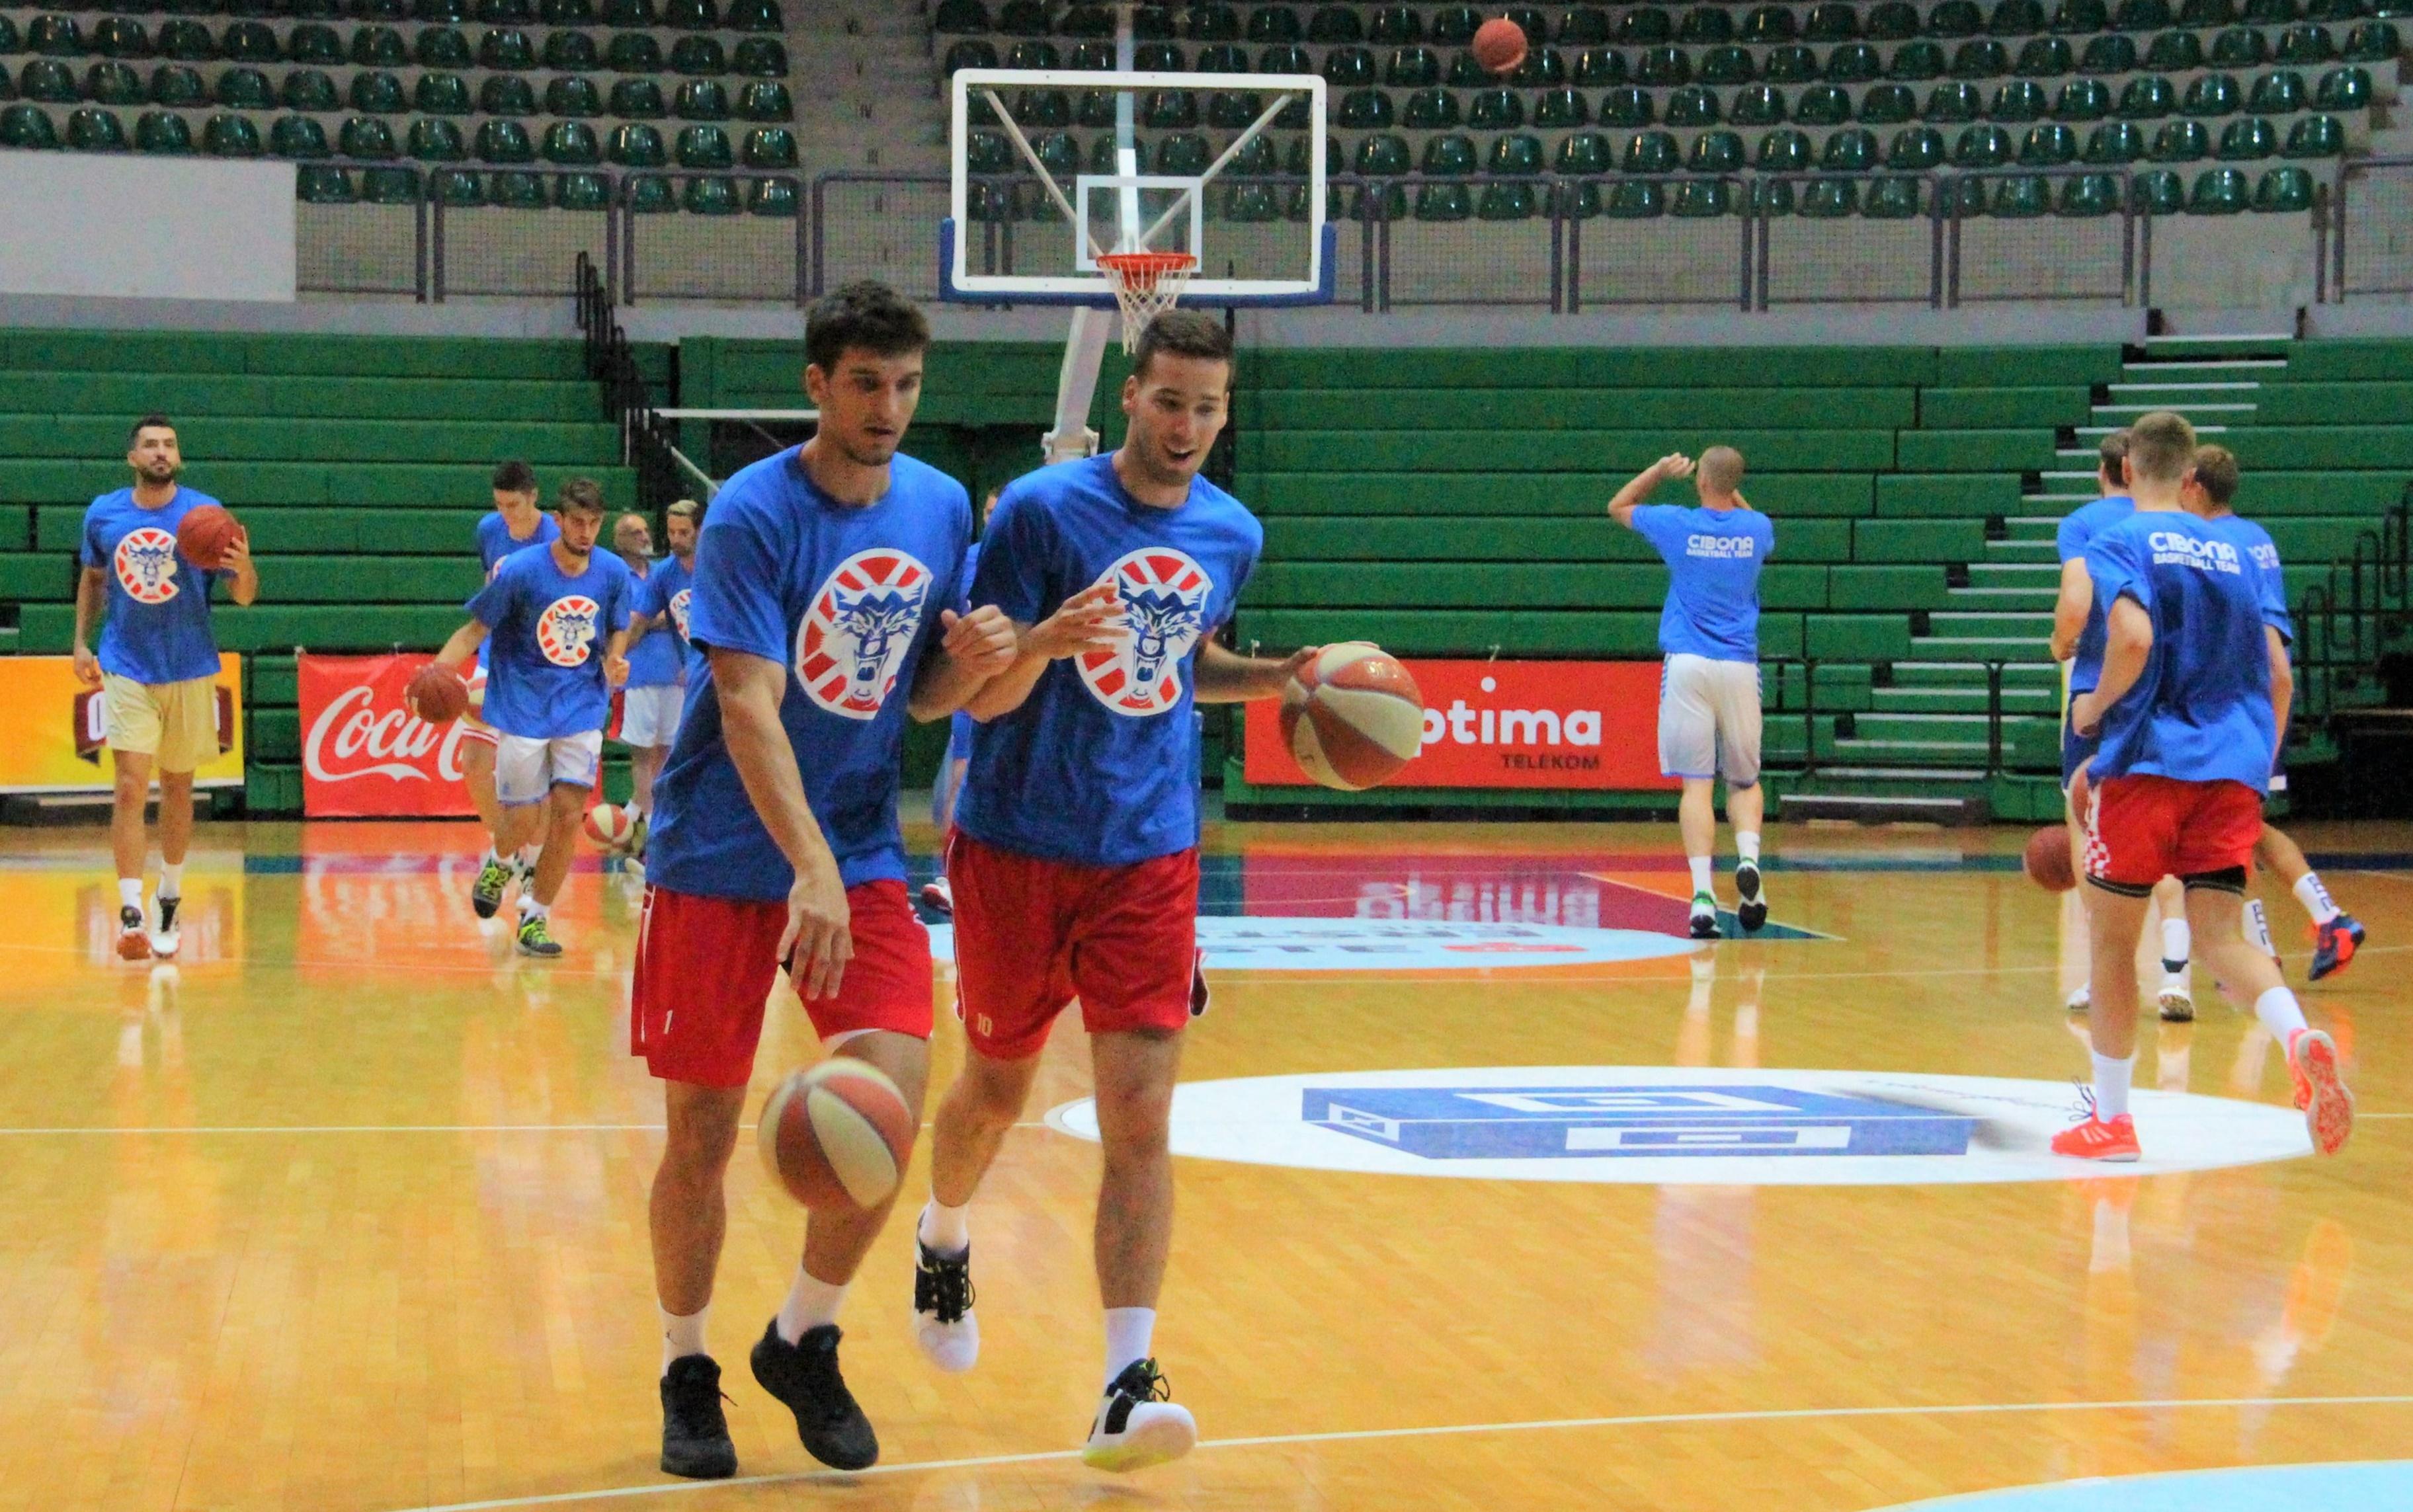 Catorce positivos en la Cibona de Zagreb